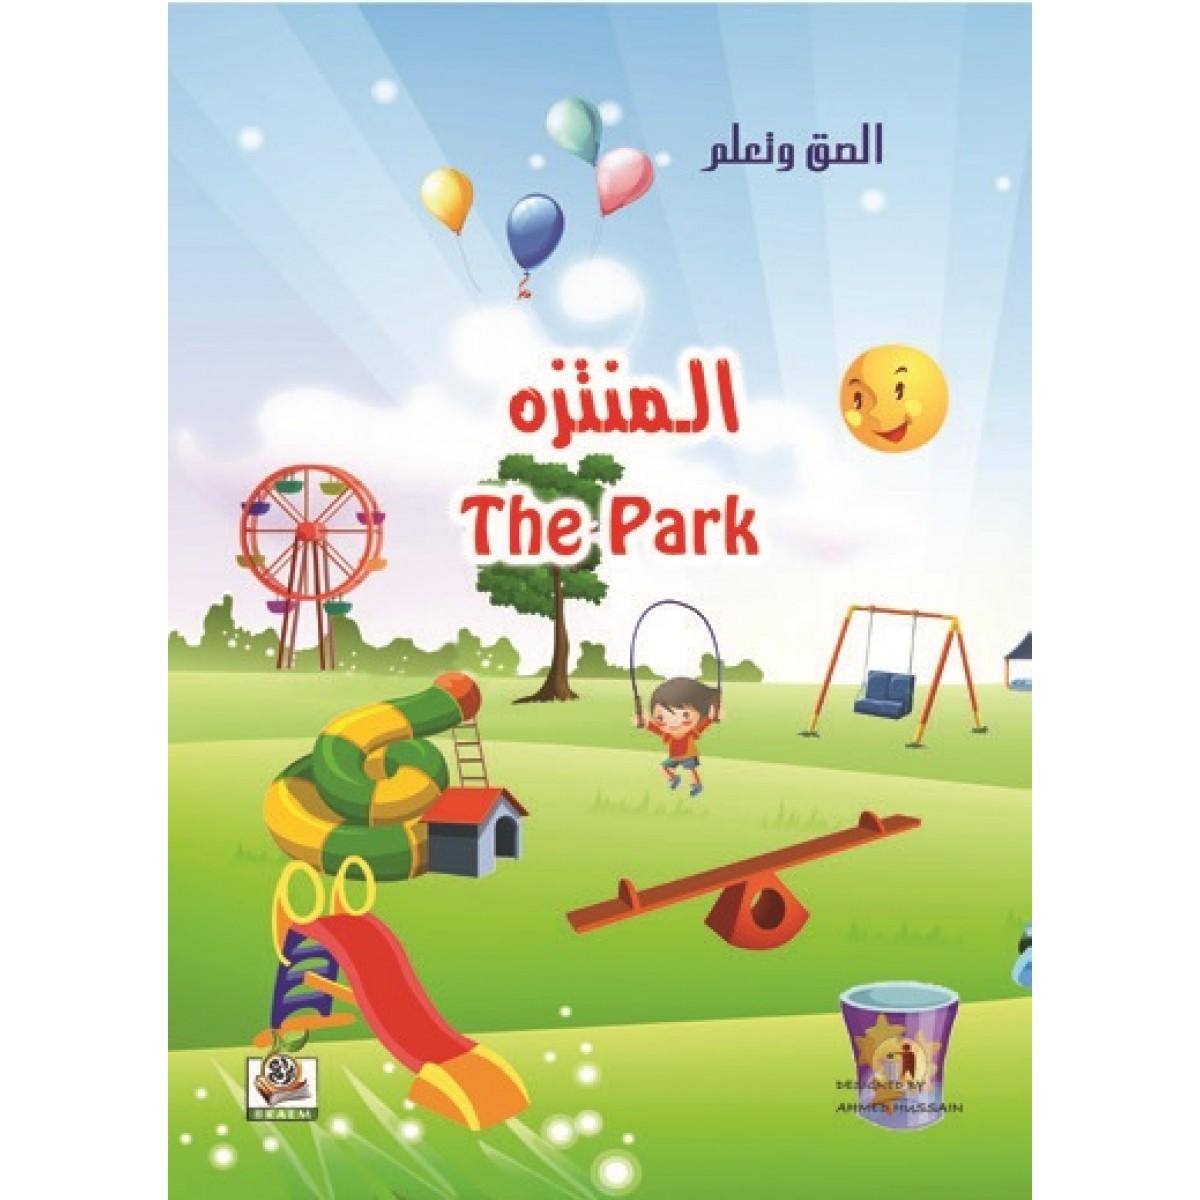 """الصق وتعلم  """" المنتزه - The Park """"، مقاس الكتاب 29.7*21سم"""